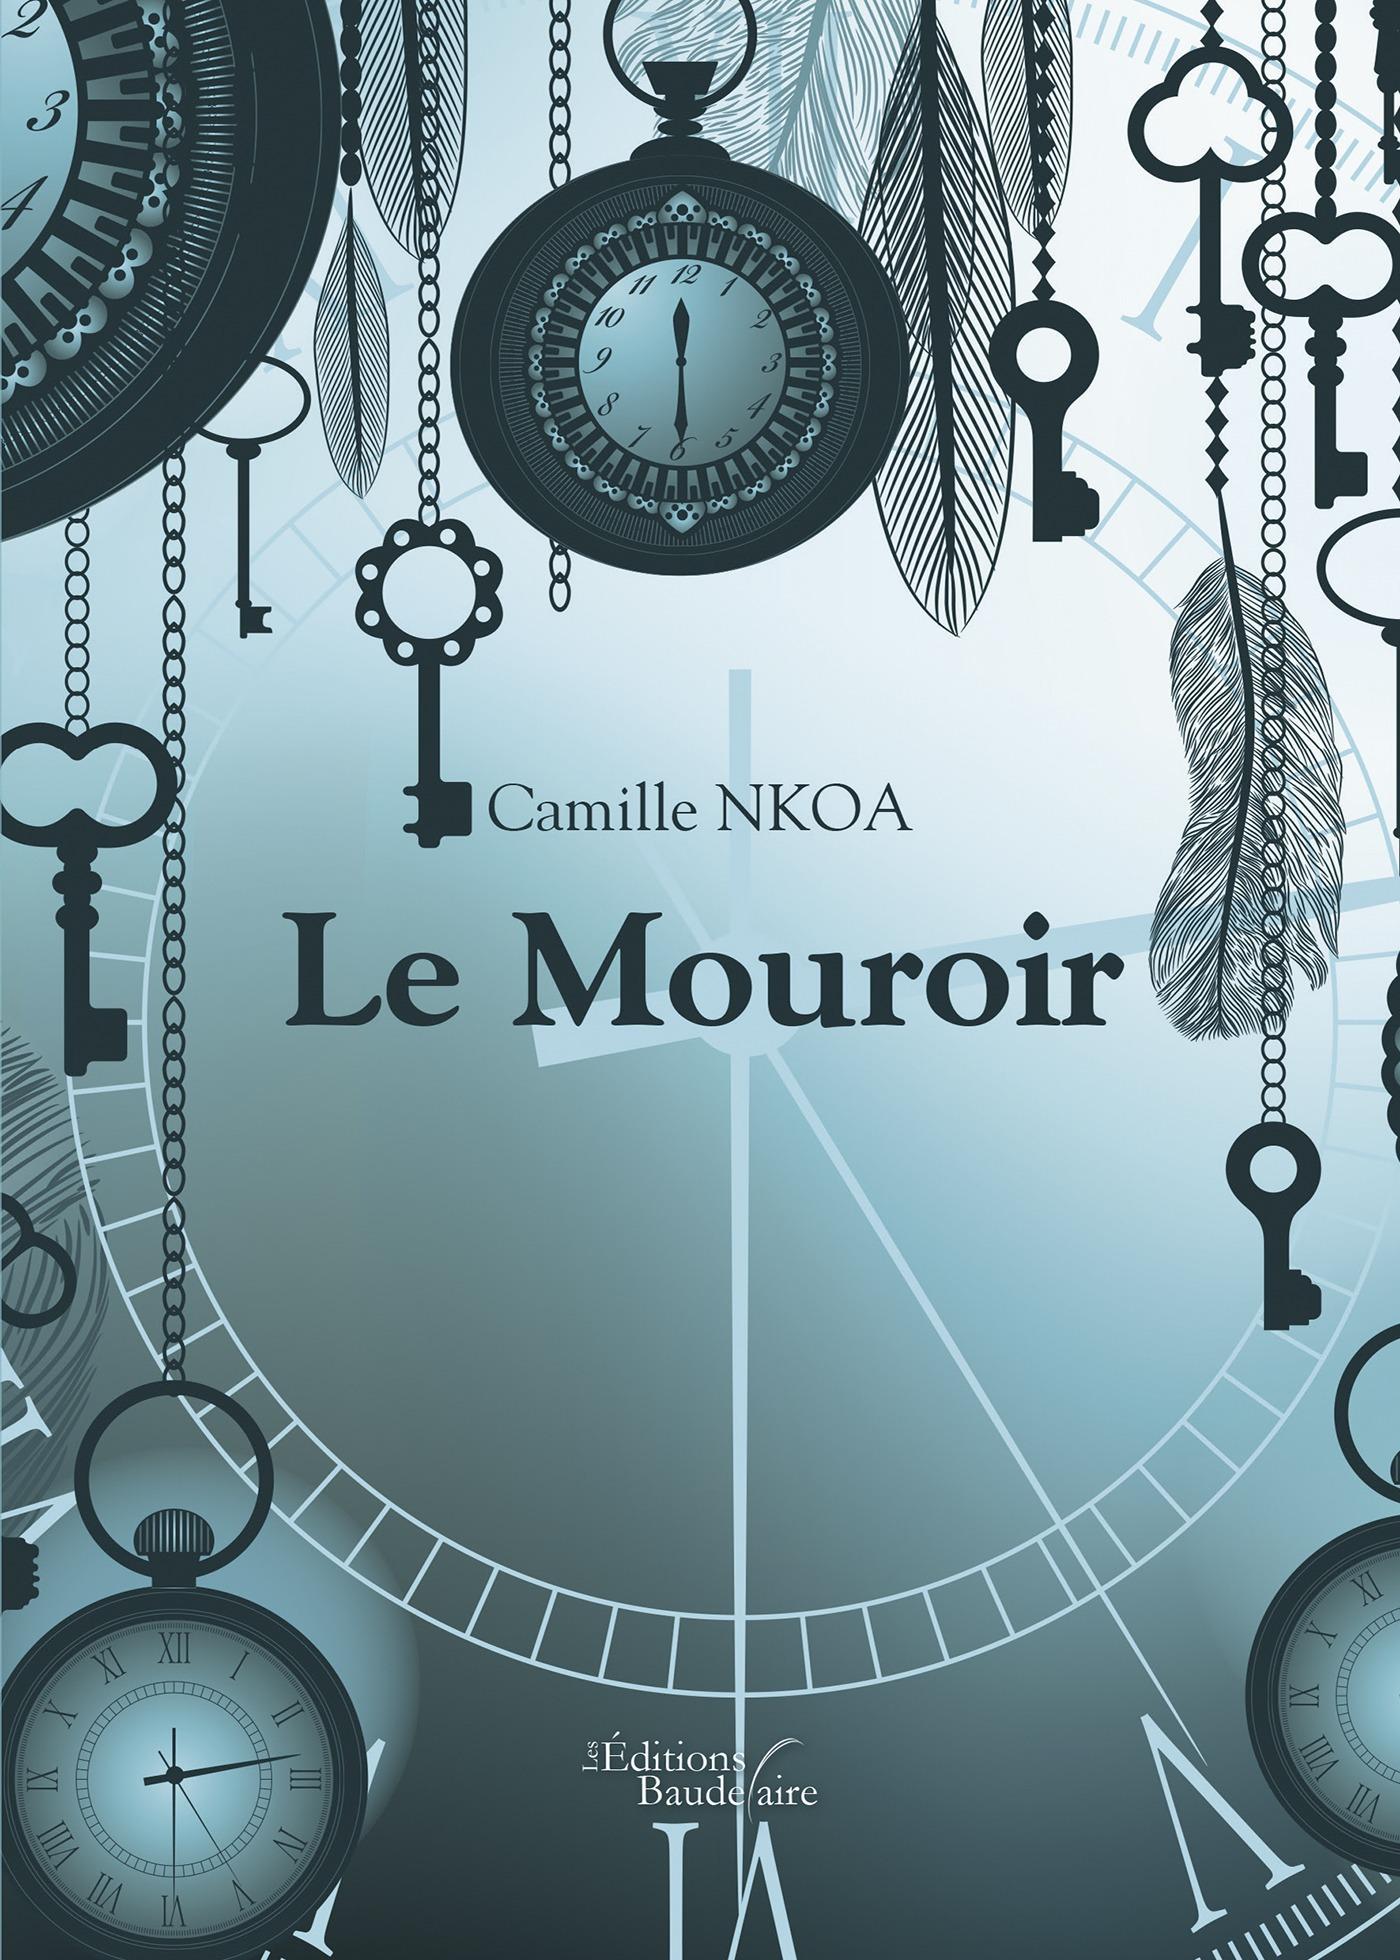 Camille Nkoa Le Mouroir